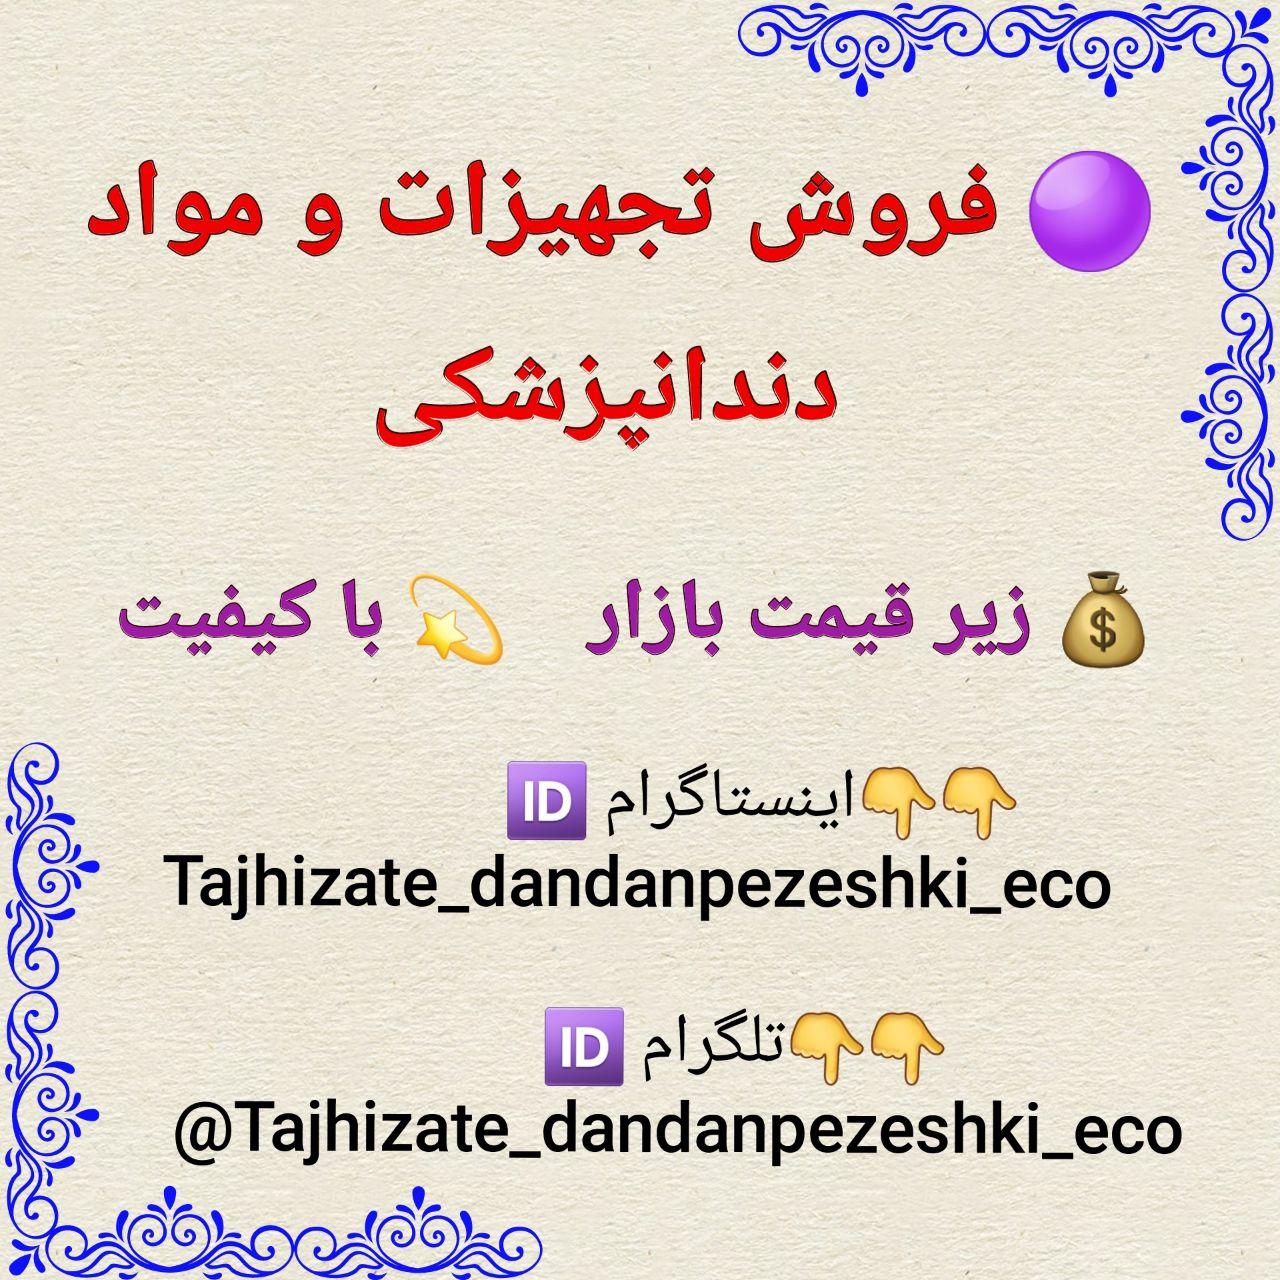 تهران: فروش تجهیزات و مواد دندانپزشکی